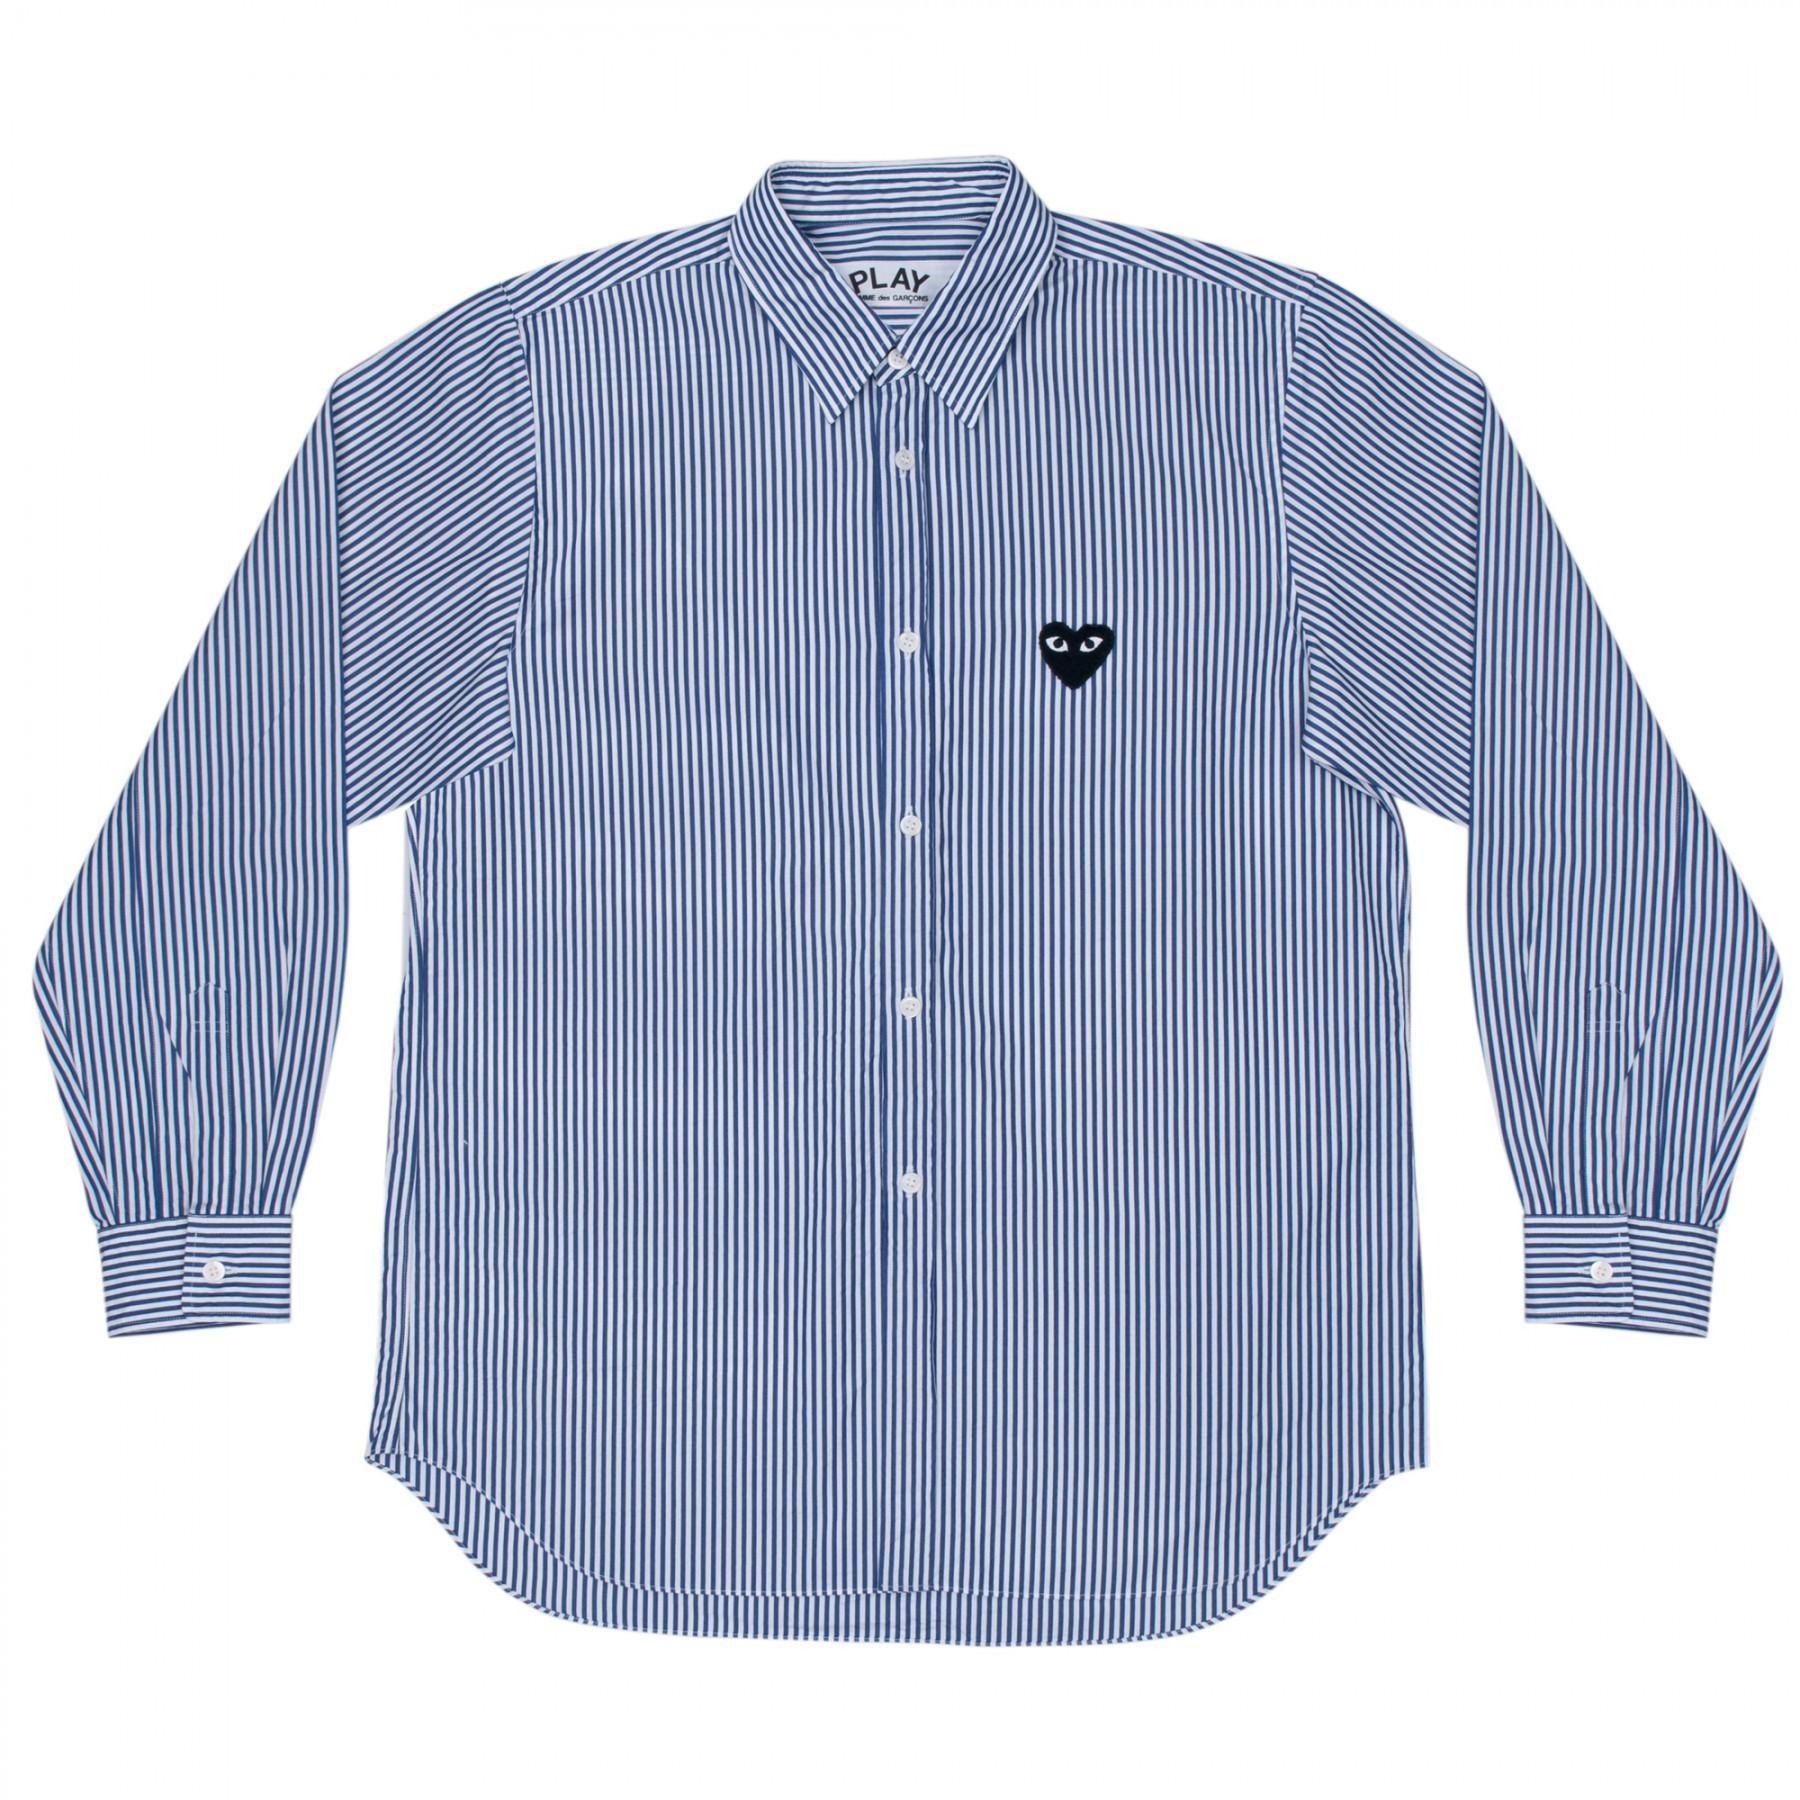 꼼데가르송 PLAY 스트라이프 패널 와이셔츠 (남성)